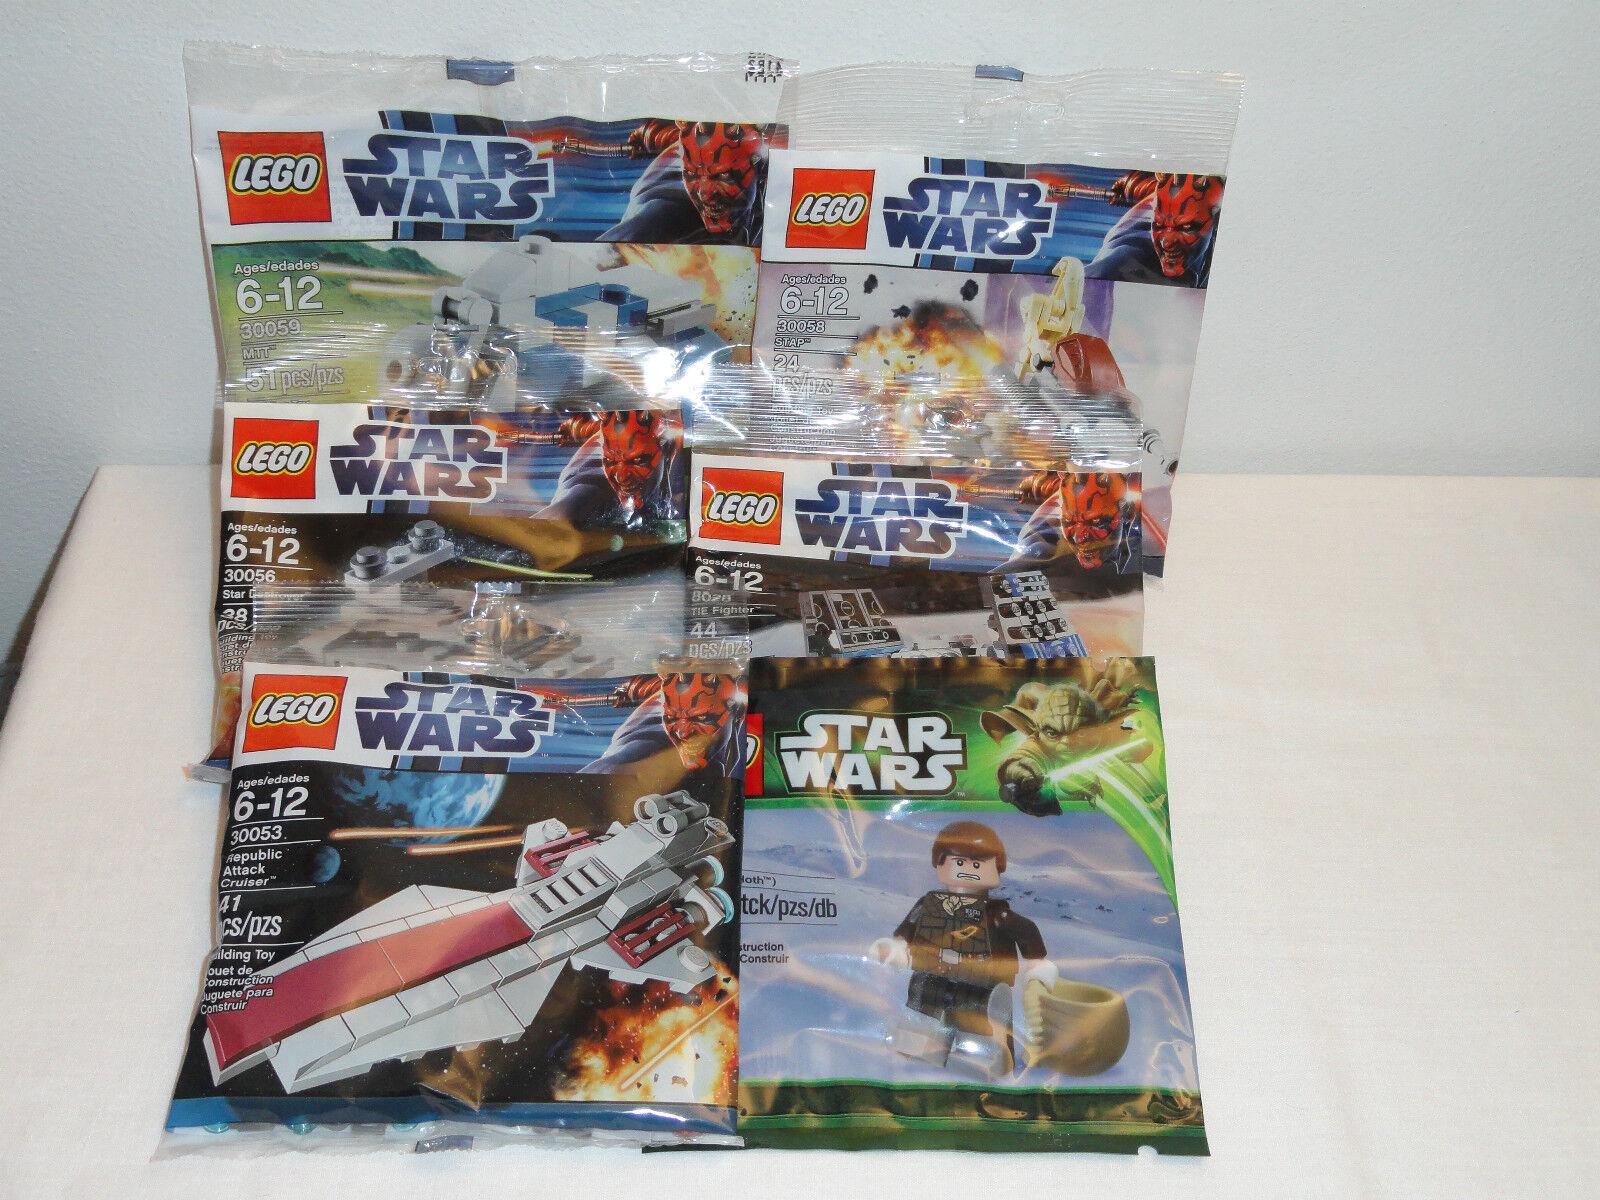 nuovo LEGO estrella  guerras Lot X6 Tie combatiente estrella Destroyer Han Solo 30056 30059 8028  negozio online